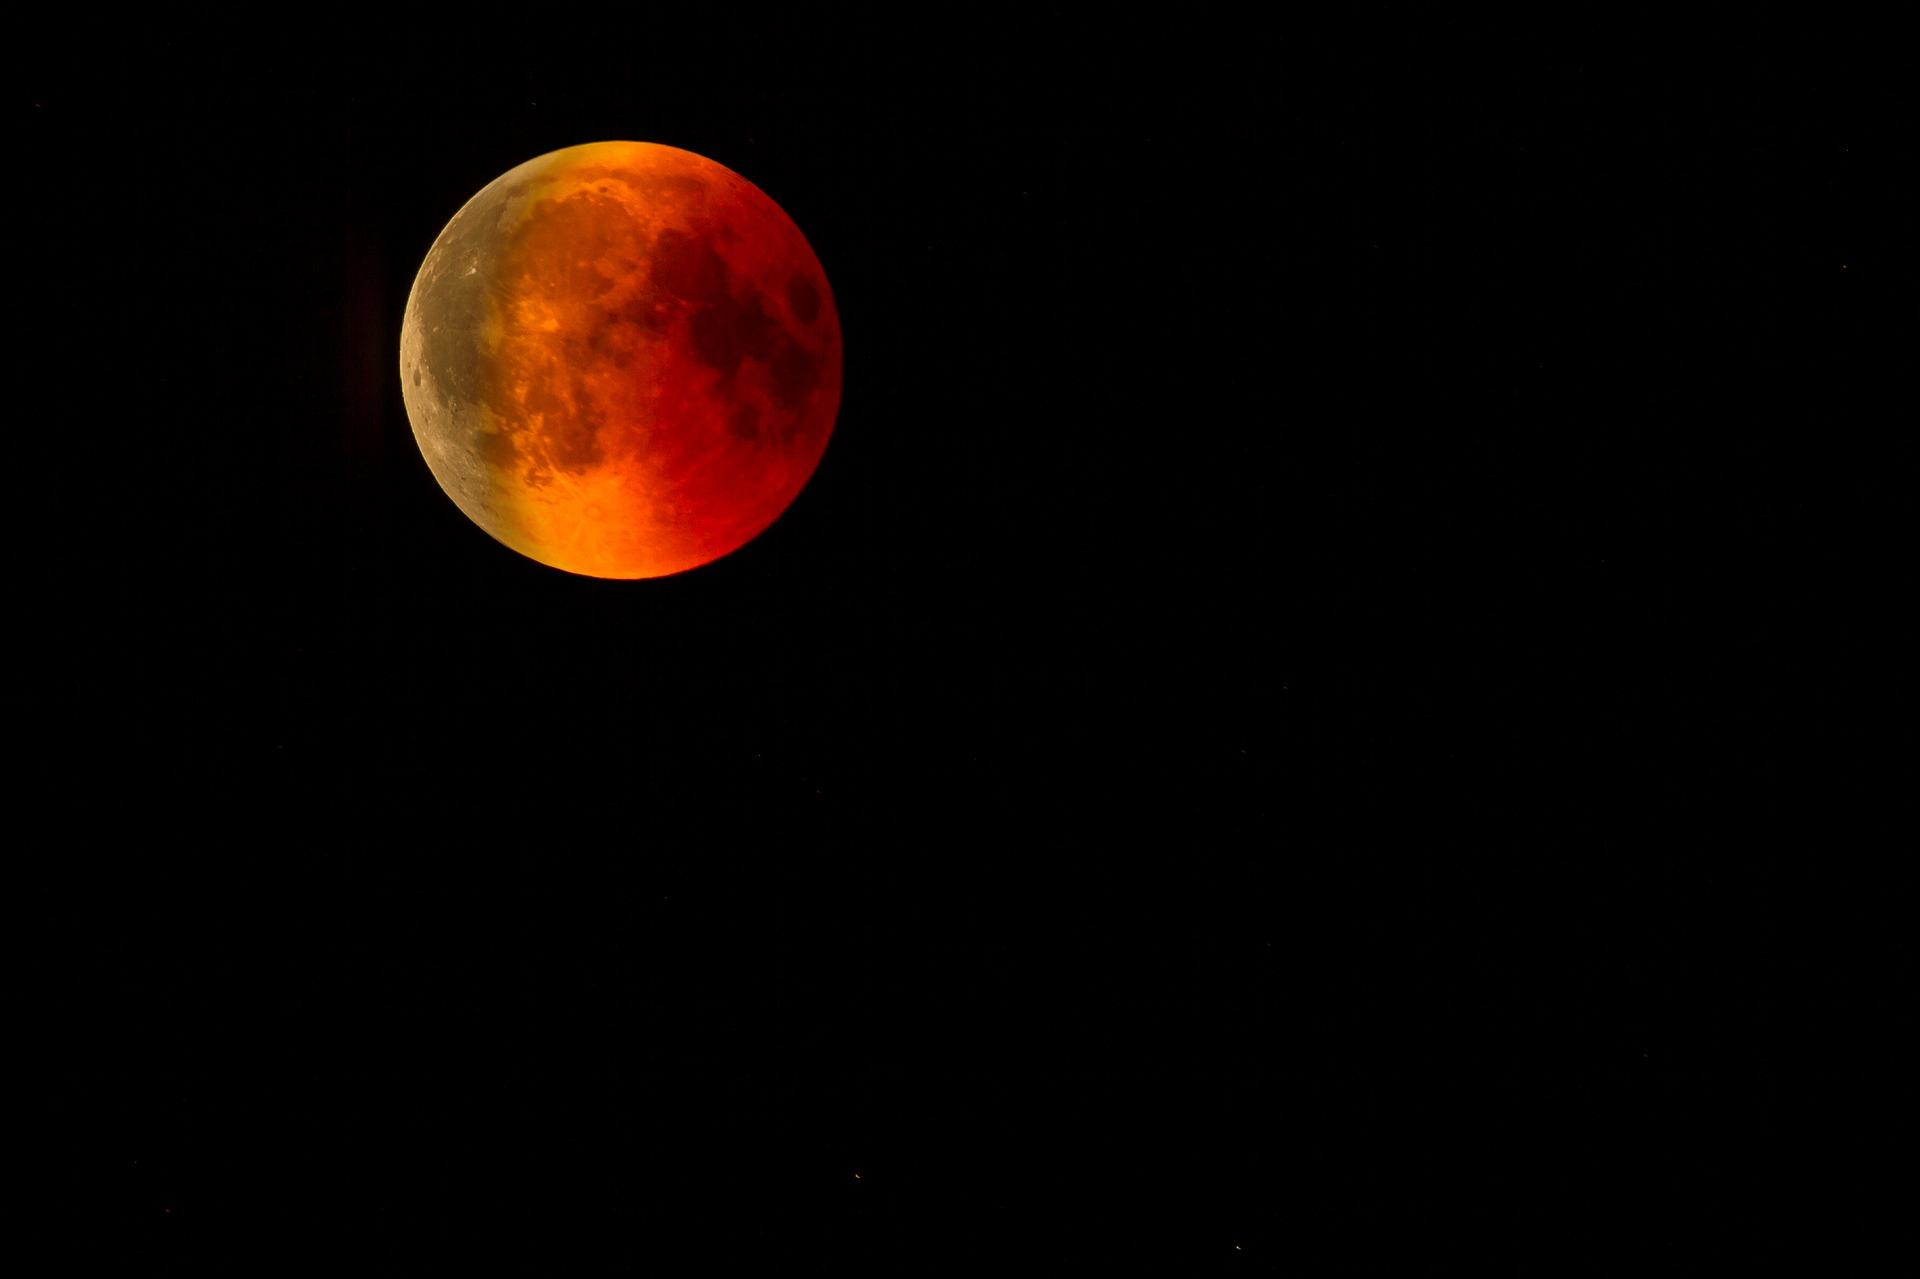 Imagem de uma lua cheia no céu caracterizando o significado do que é signo lunar na astrologia